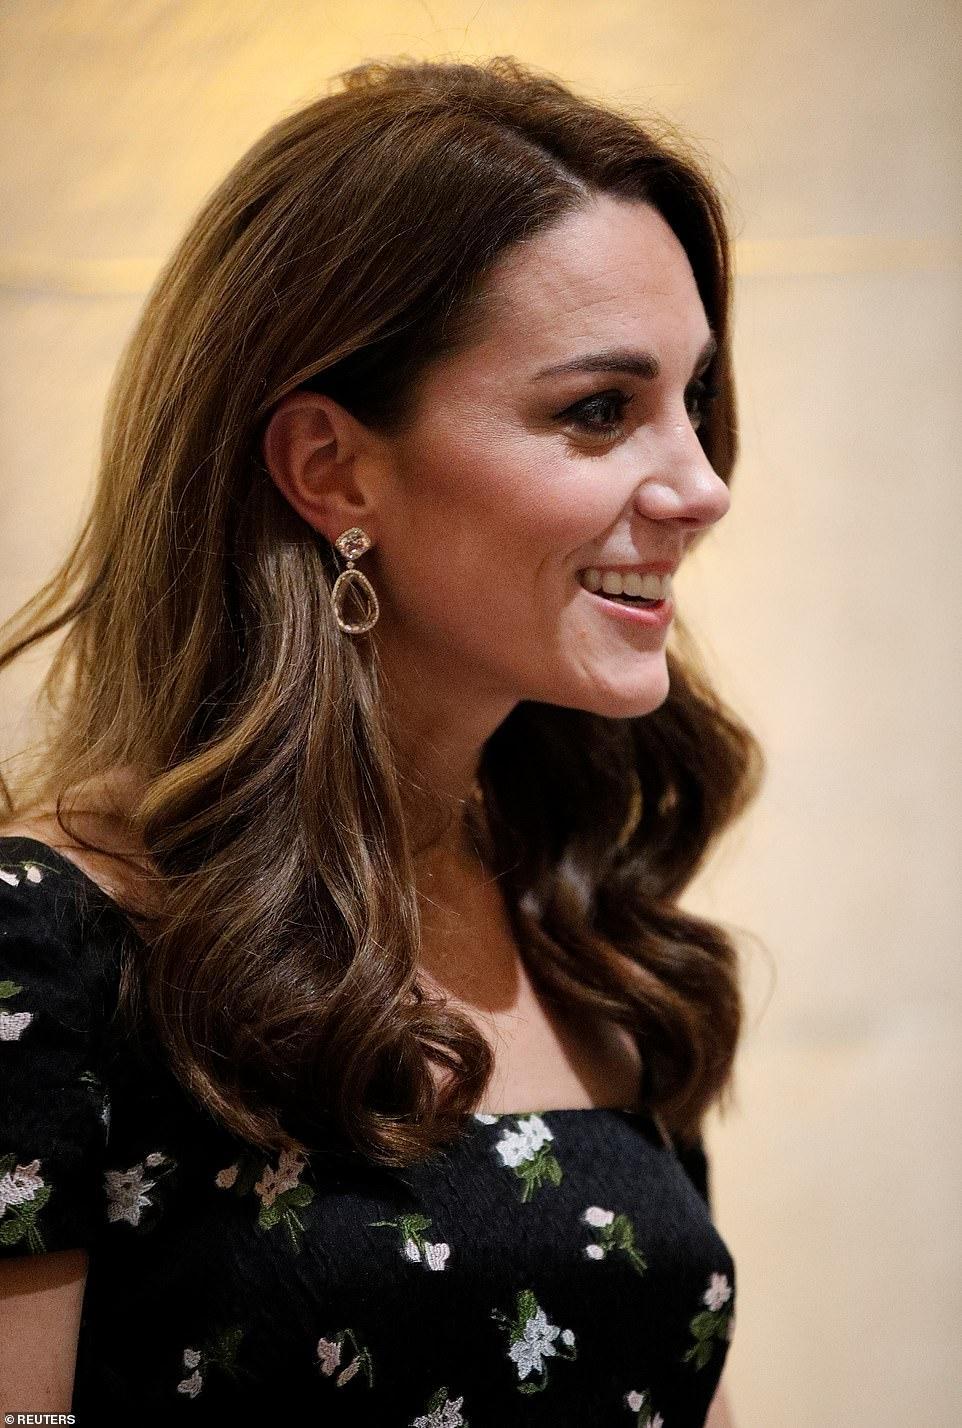 Công nương Kate Middleton đẹp hút mắt, thả dáng thon với đầm thướt tha Ảnh 8